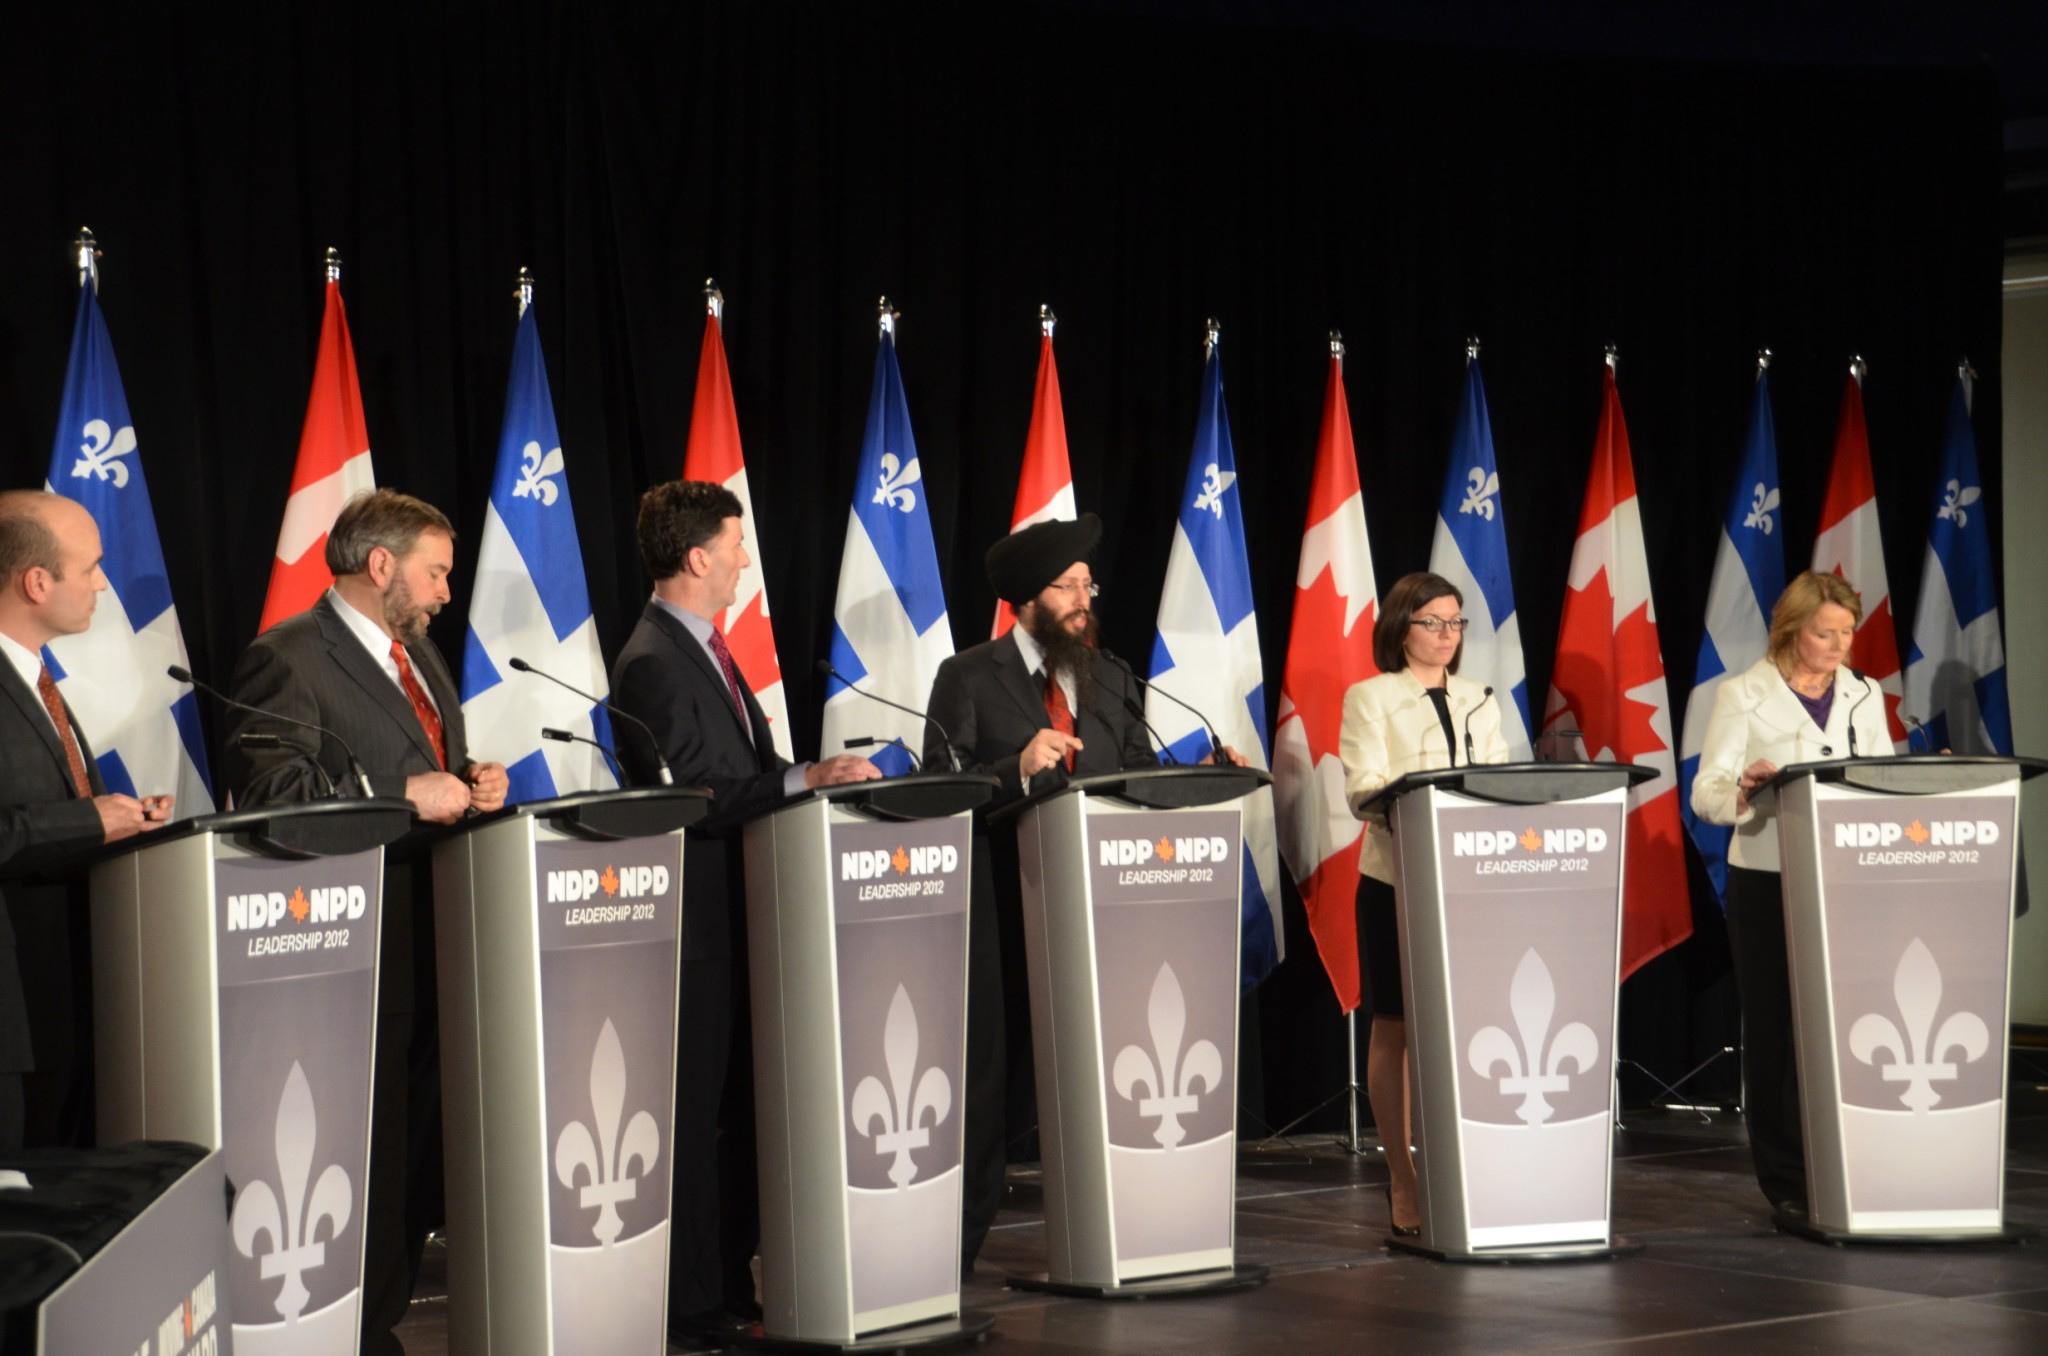 New Democratic Party (NDP) leaders debate